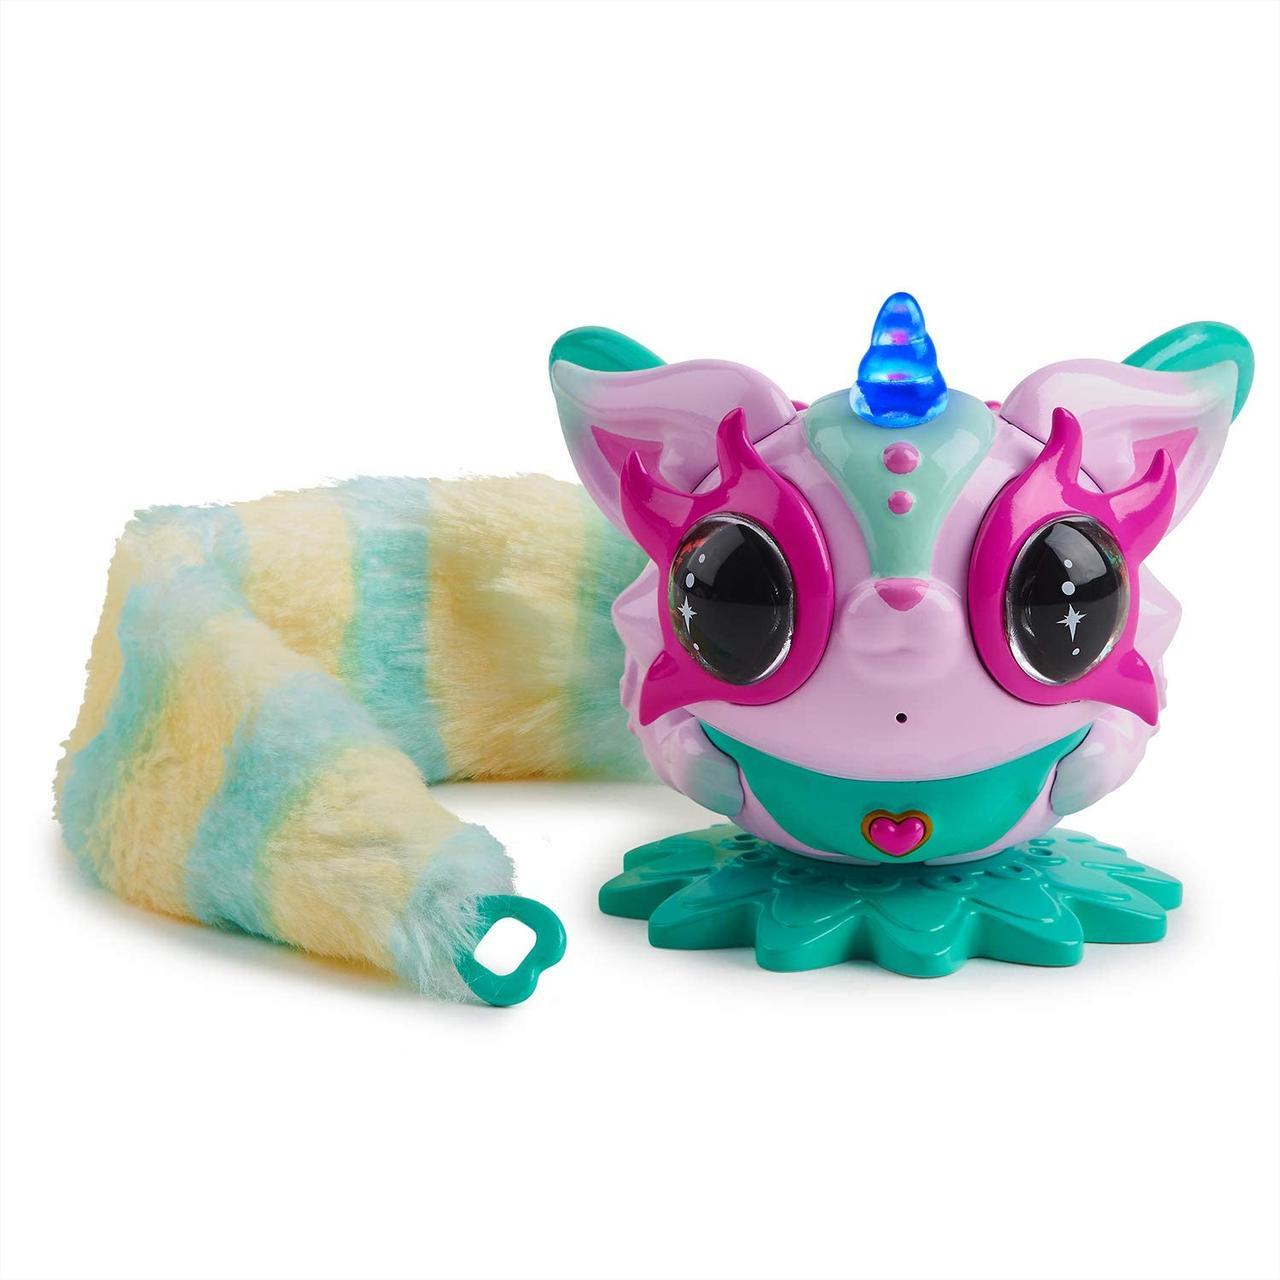 Інтерактивна іграшка Pixie Belles Піксі Белз